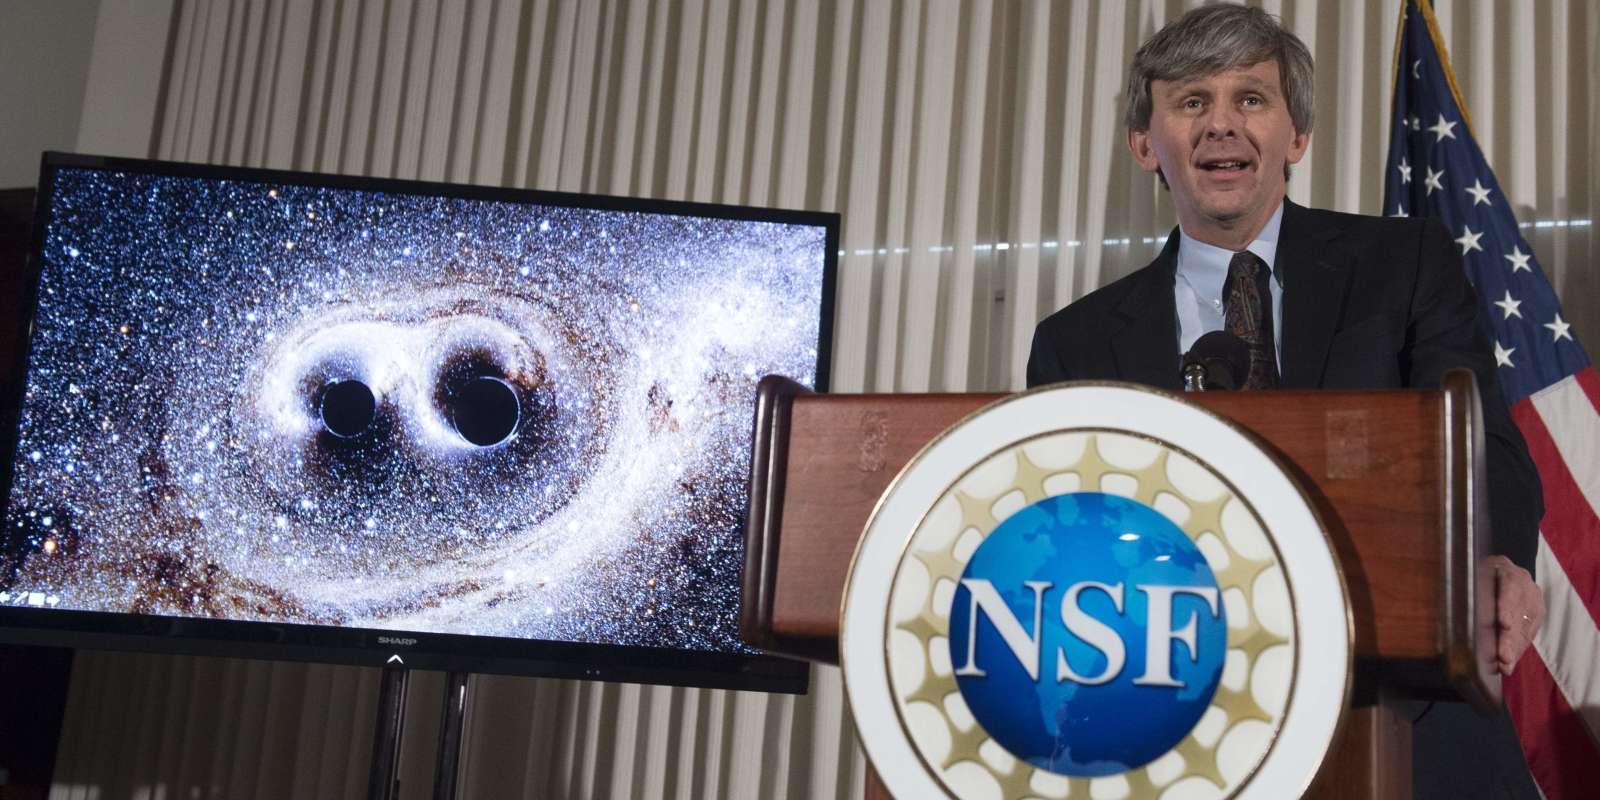 David Reitze, directeur du LIGO, le 11 février.  / AFP / SAUL LOEB